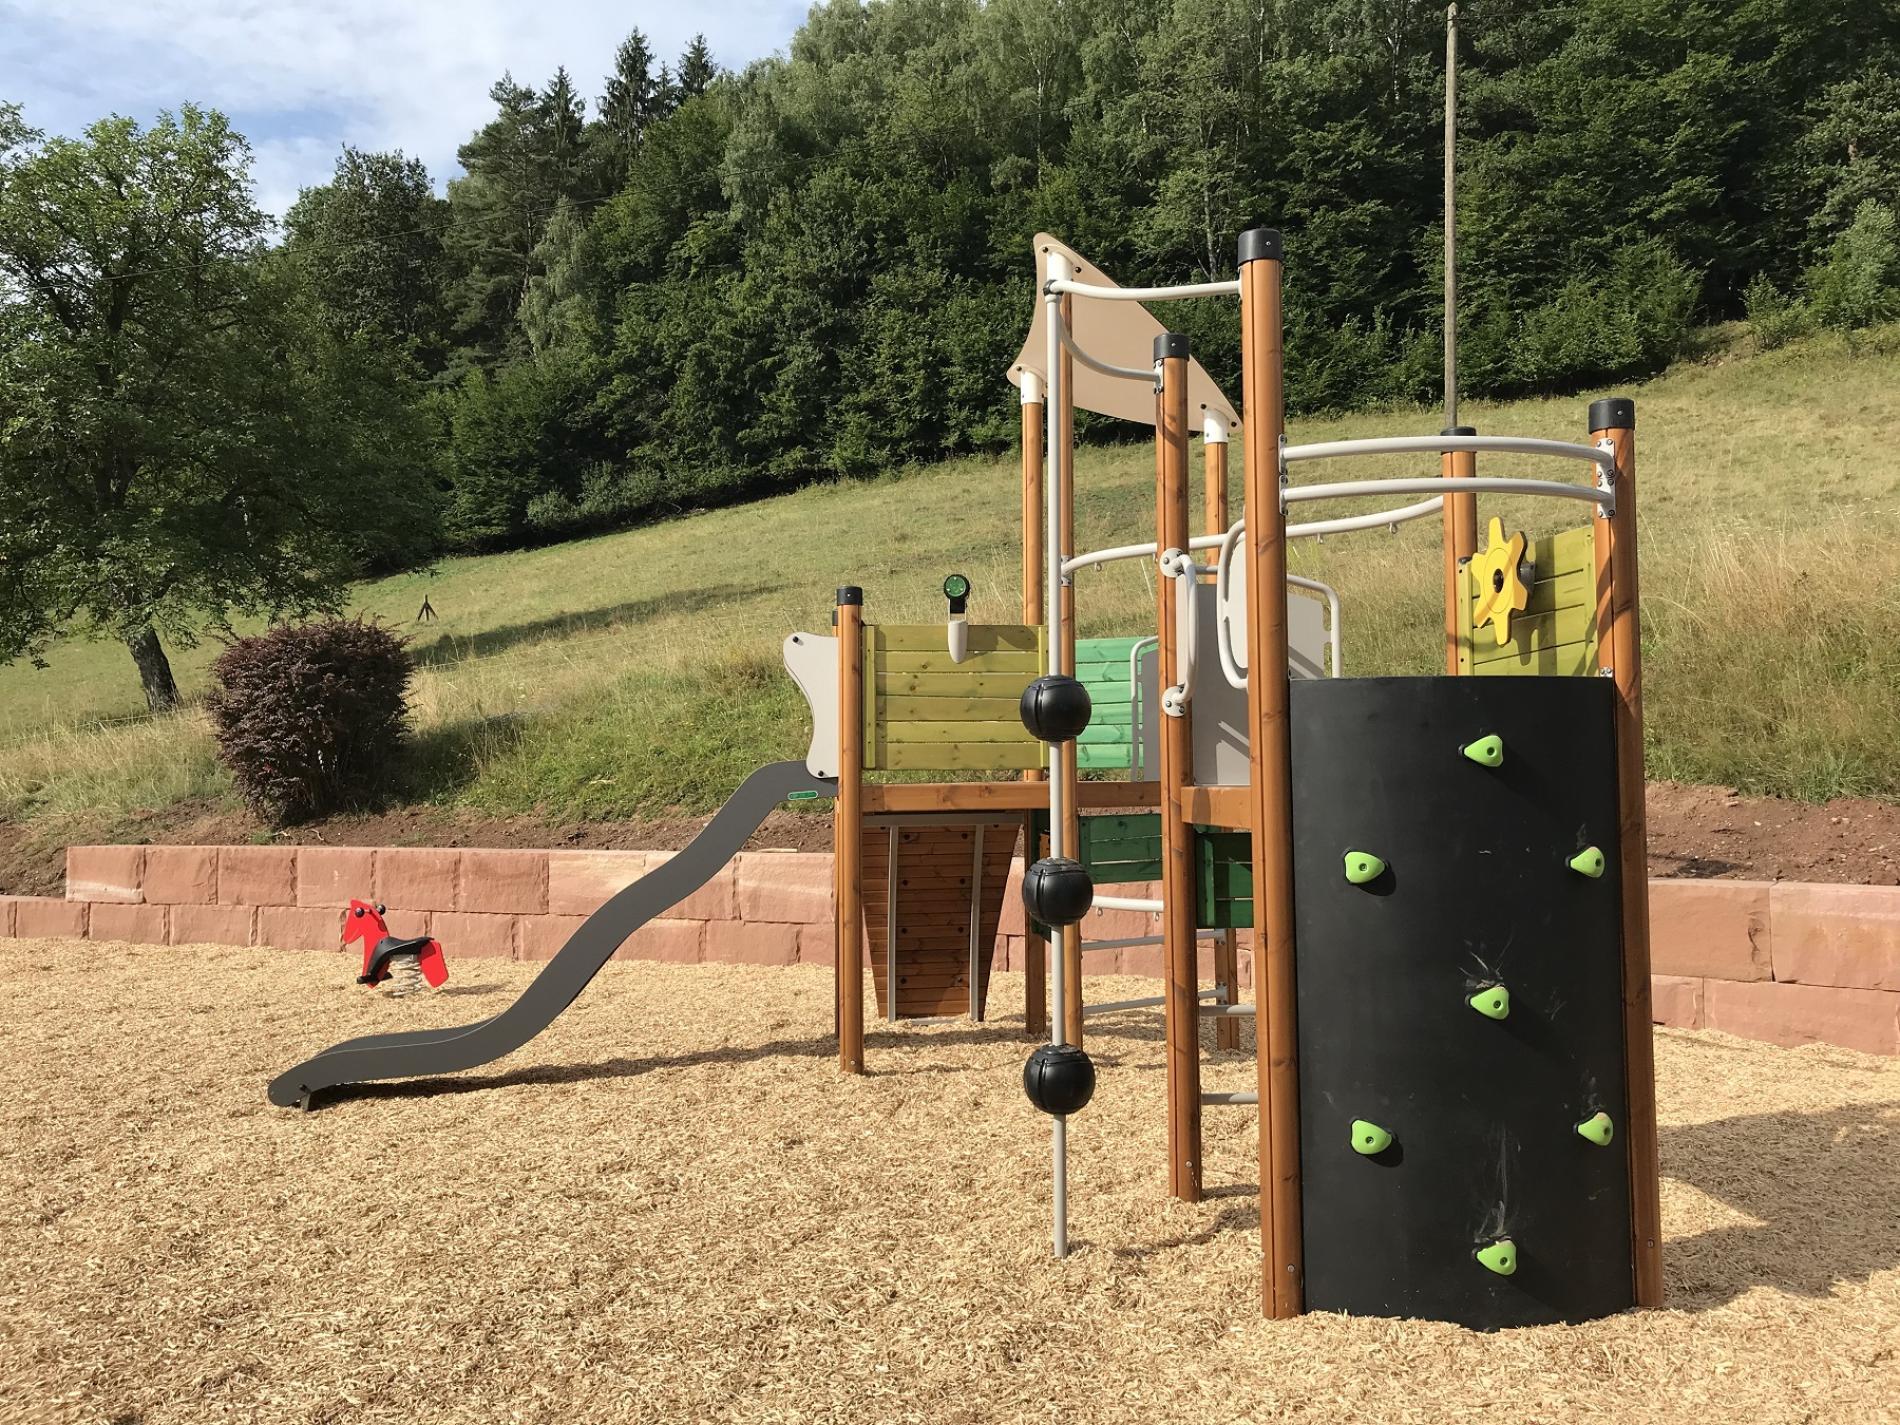 Aires de jeux pour les enfants